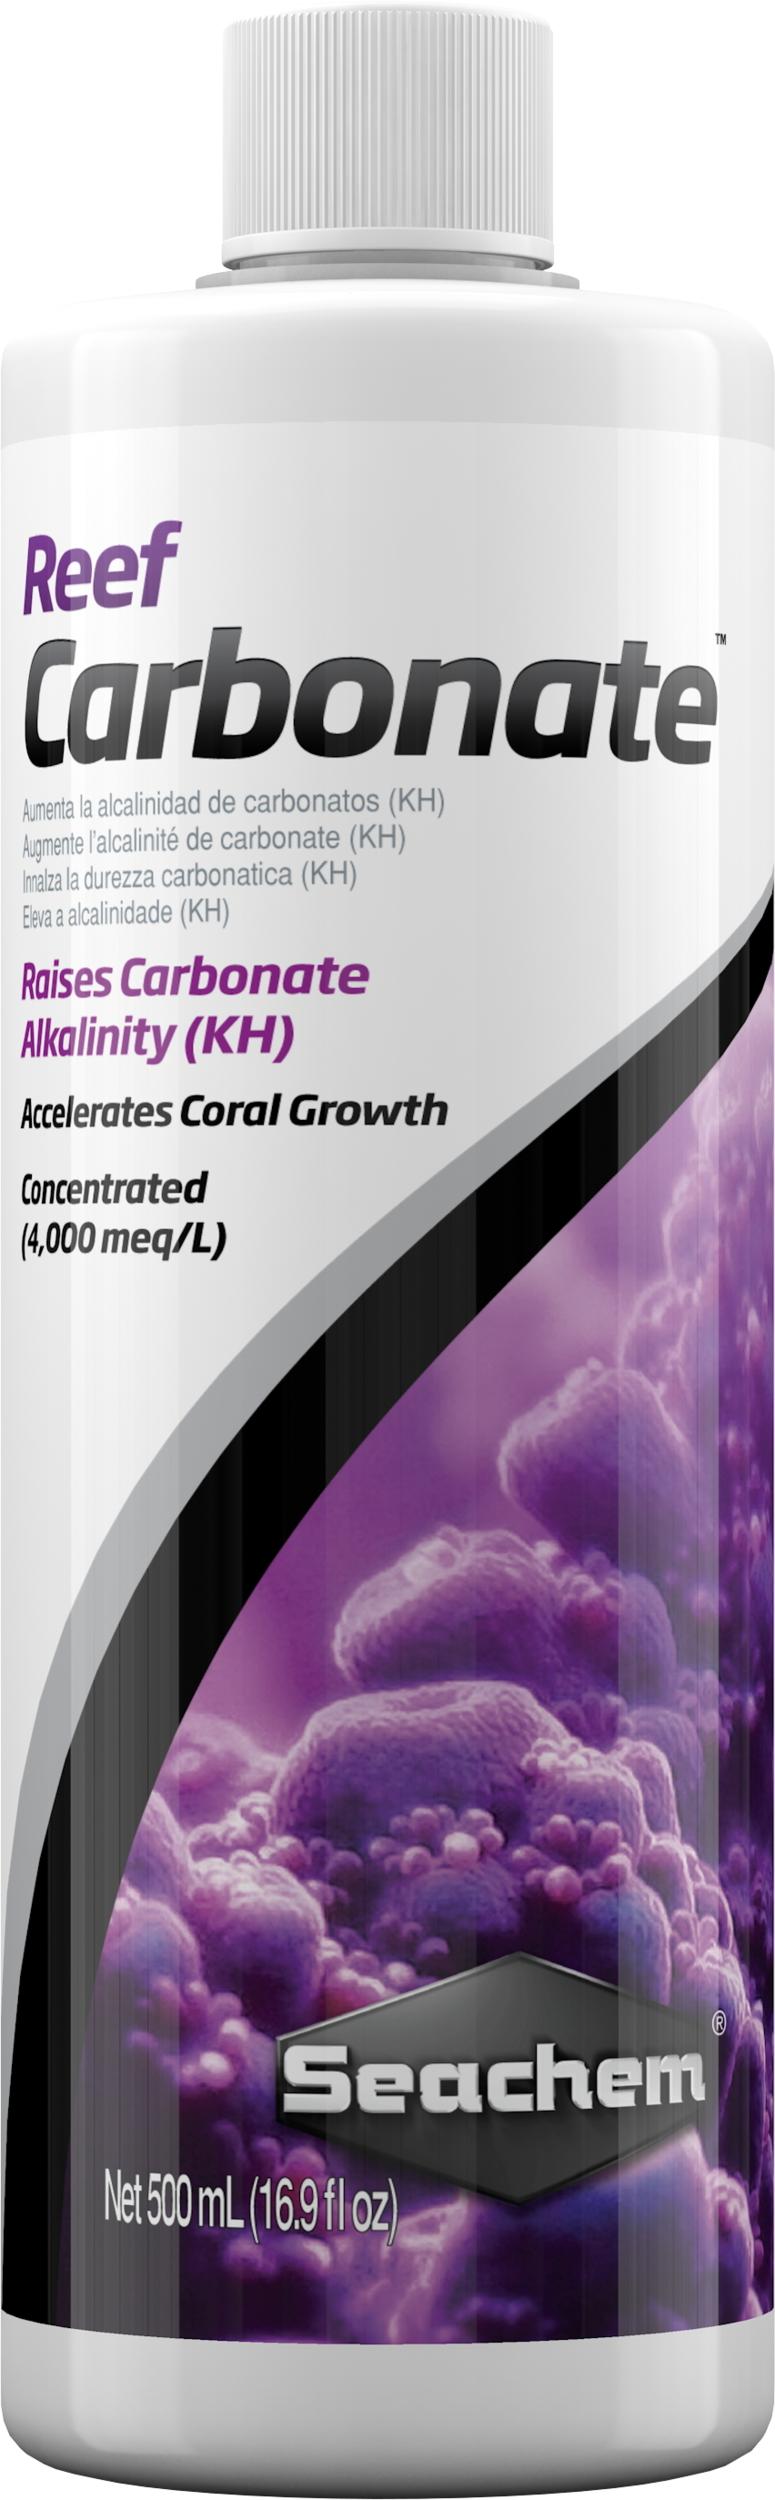 ReefCarbonate-500mL